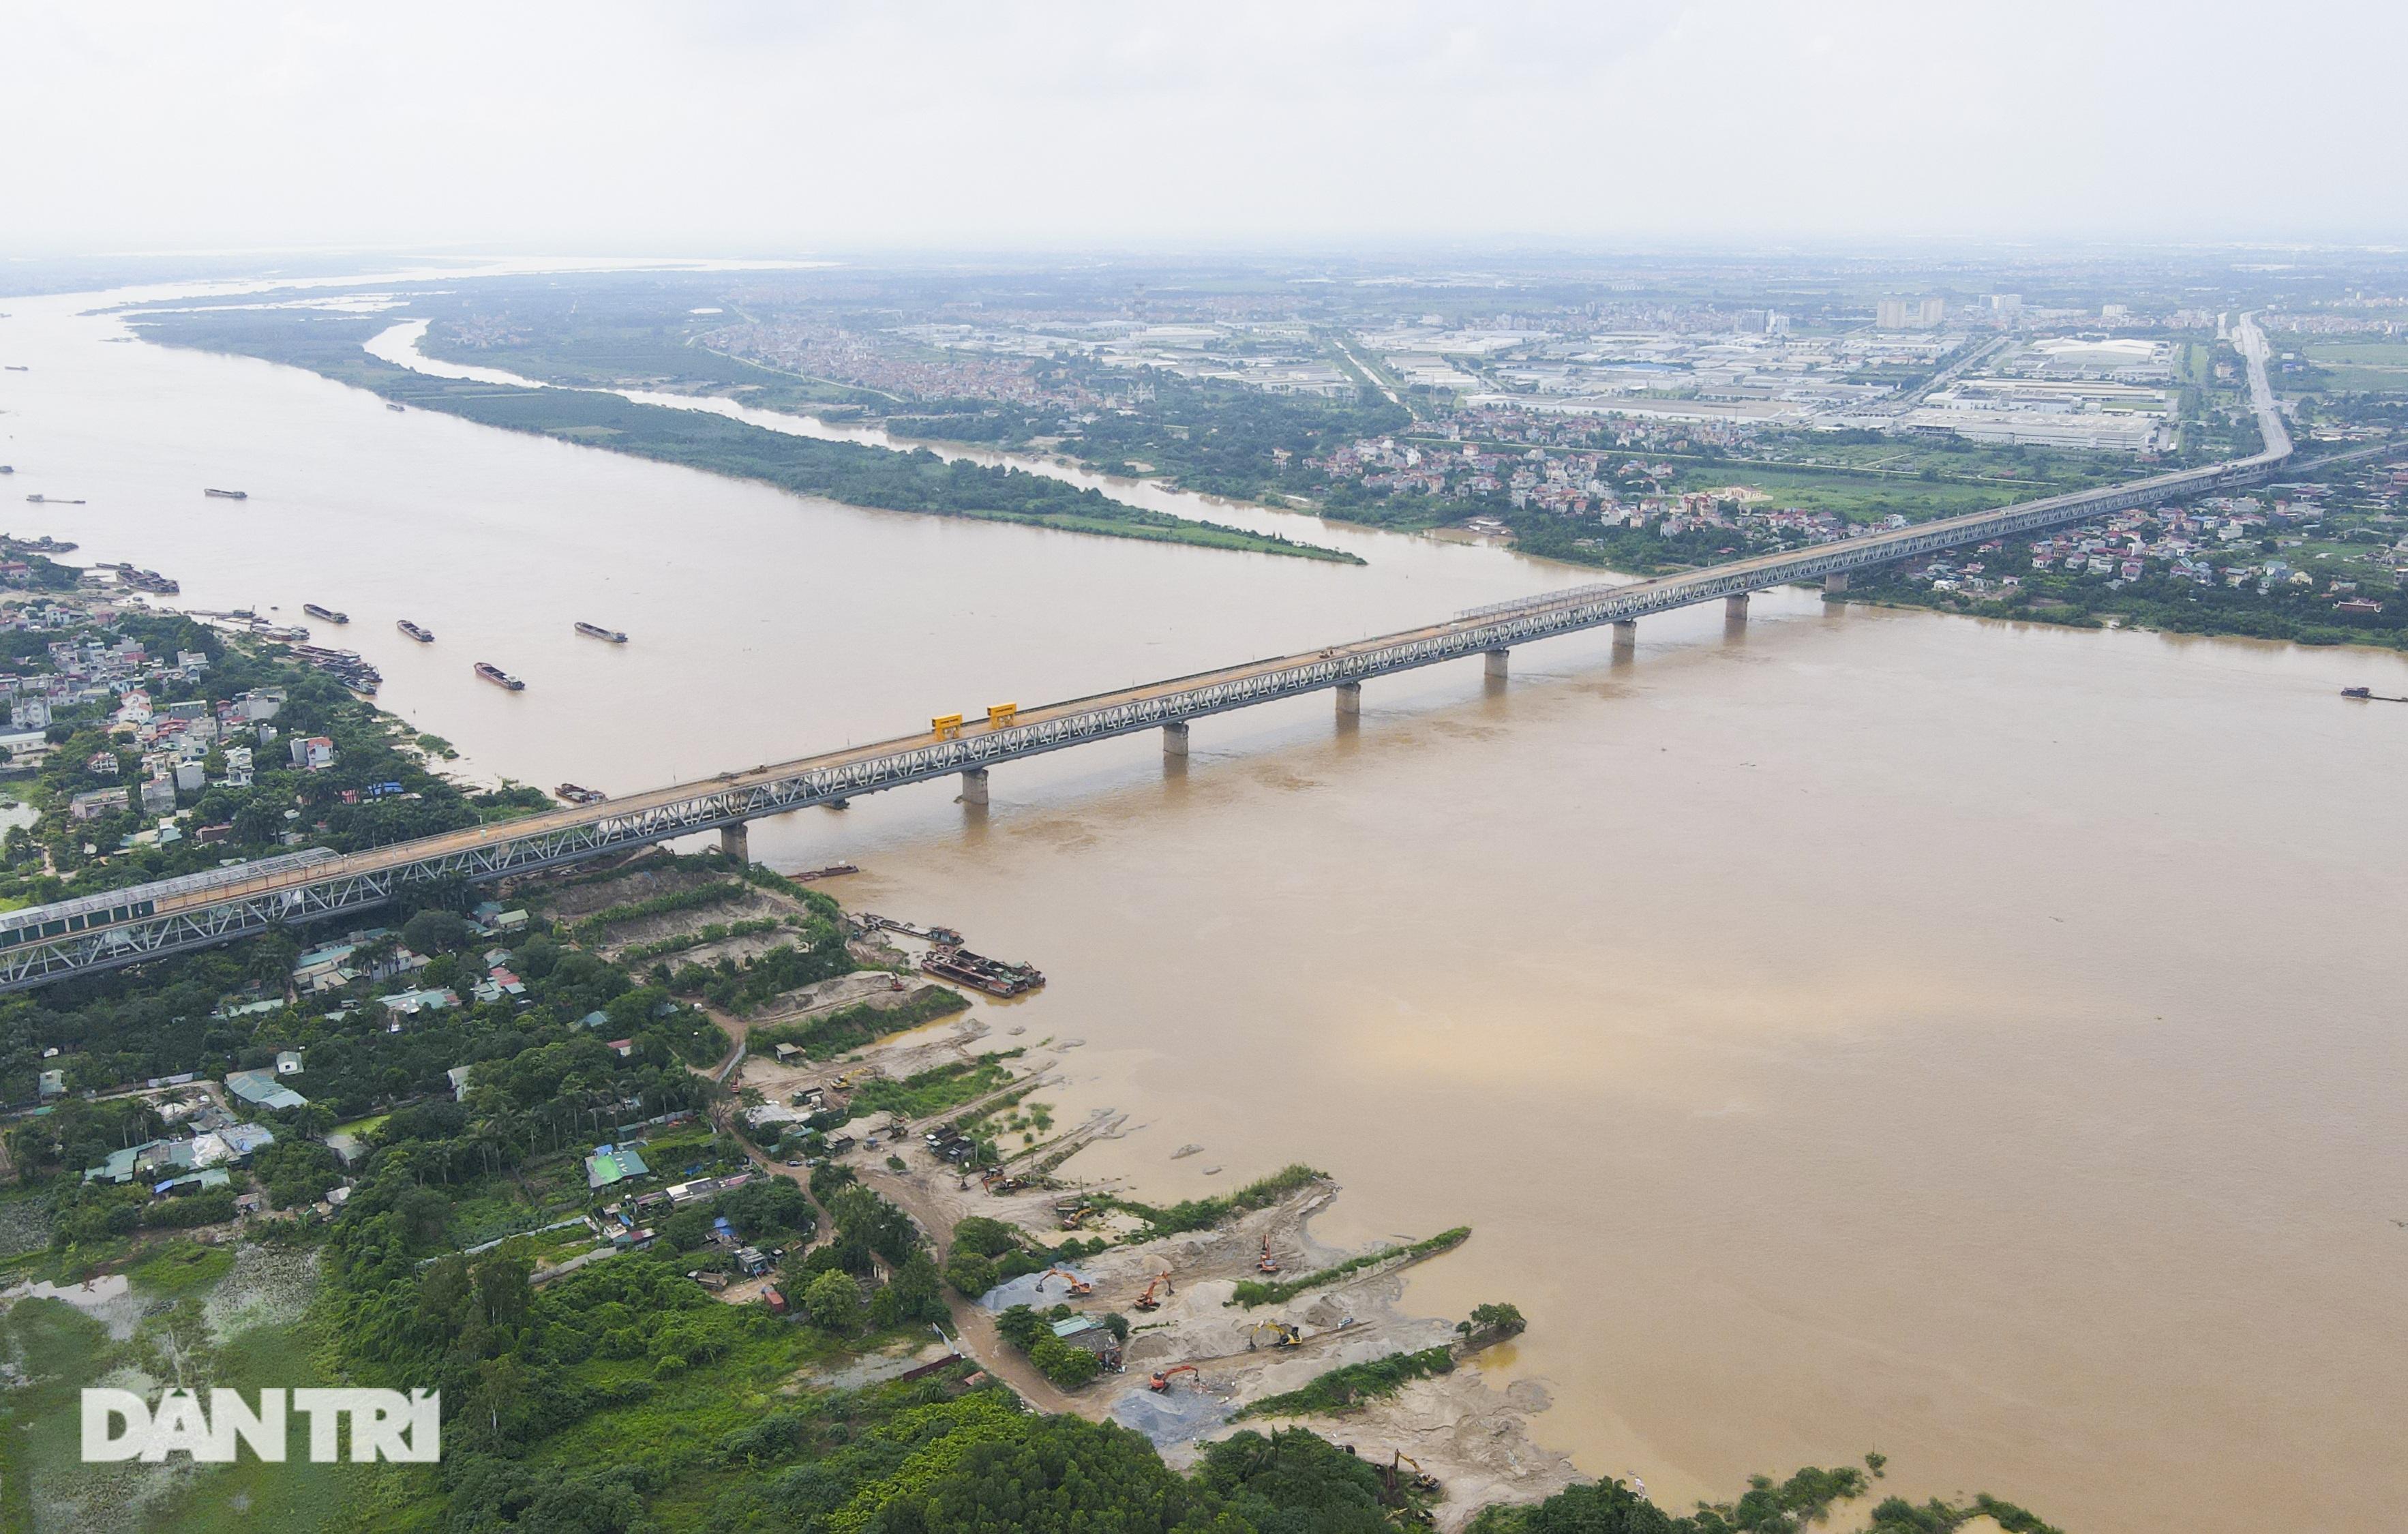 Cận cảnh đại công trường sửa chữa mặt cầu Thăng Long - 1